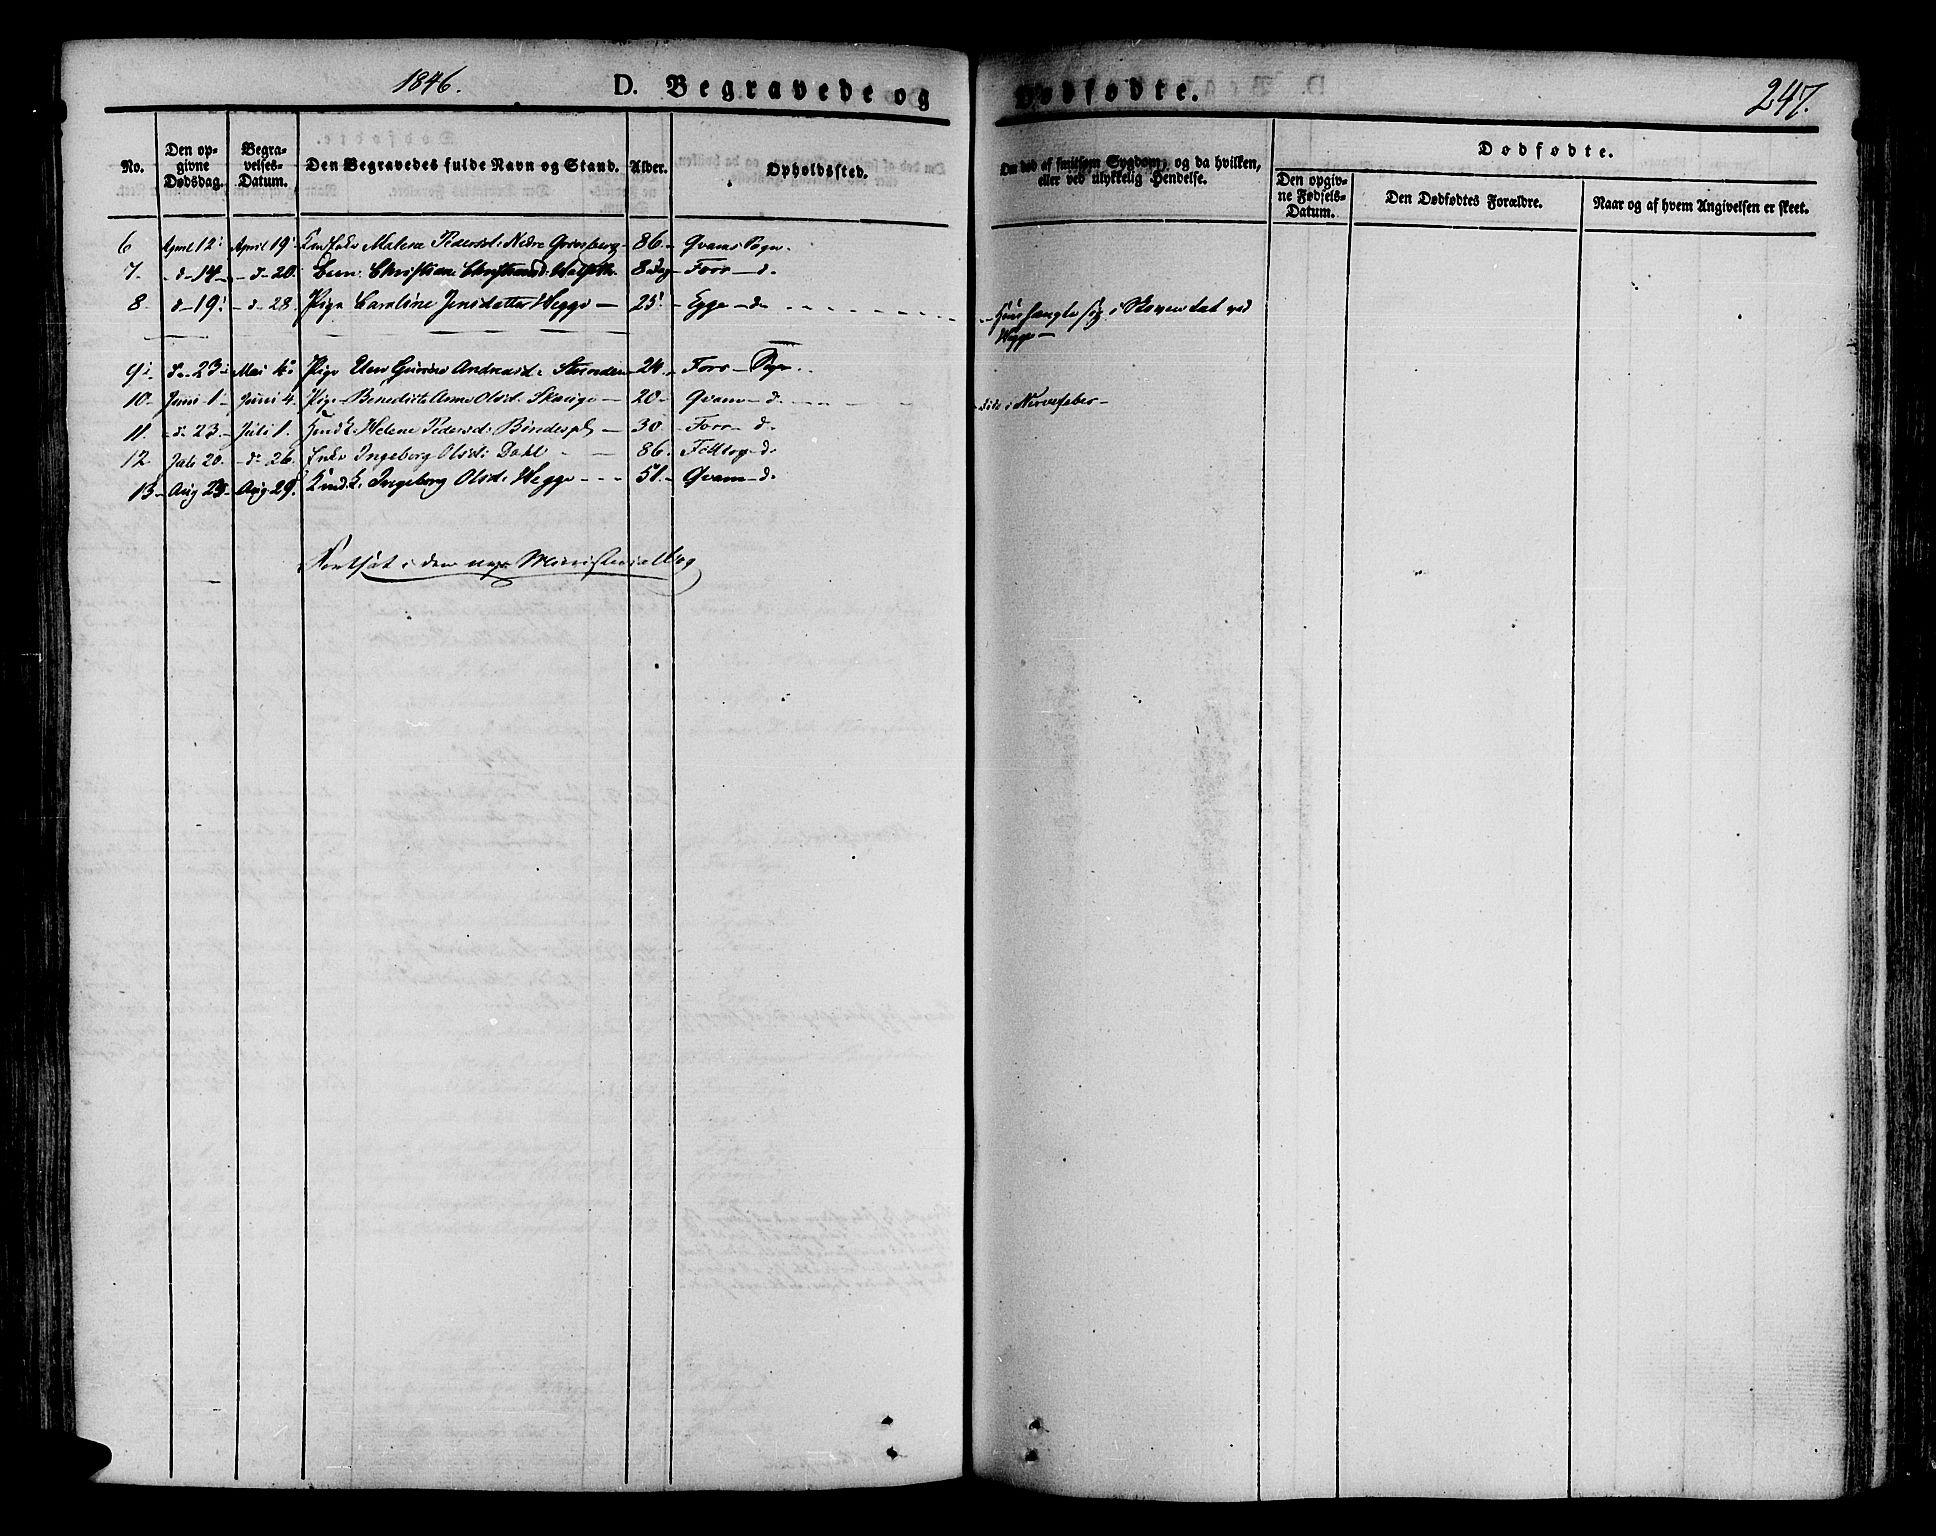 SAT, Ministerialprotokoller, klokkerbøker og fødselsregistre - Nord-Trøndelag, 746/L0445: Ministerialbok nr. 746A04, 1826-1846, s. 247